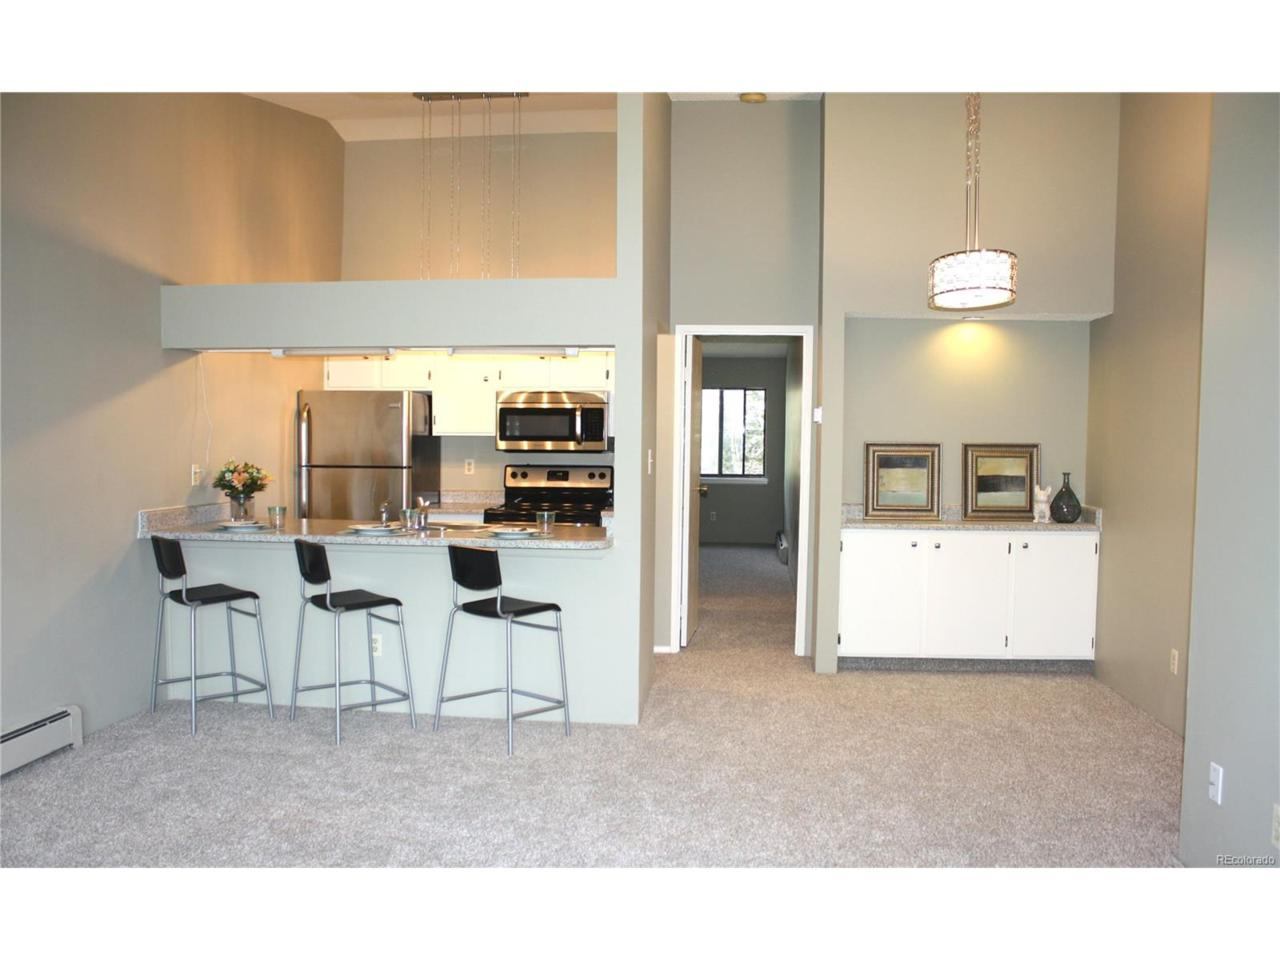 532 Oakwood Drive B203, Castle Rock, CO 80104 (MLS #7277548) :: 8z Real Estate